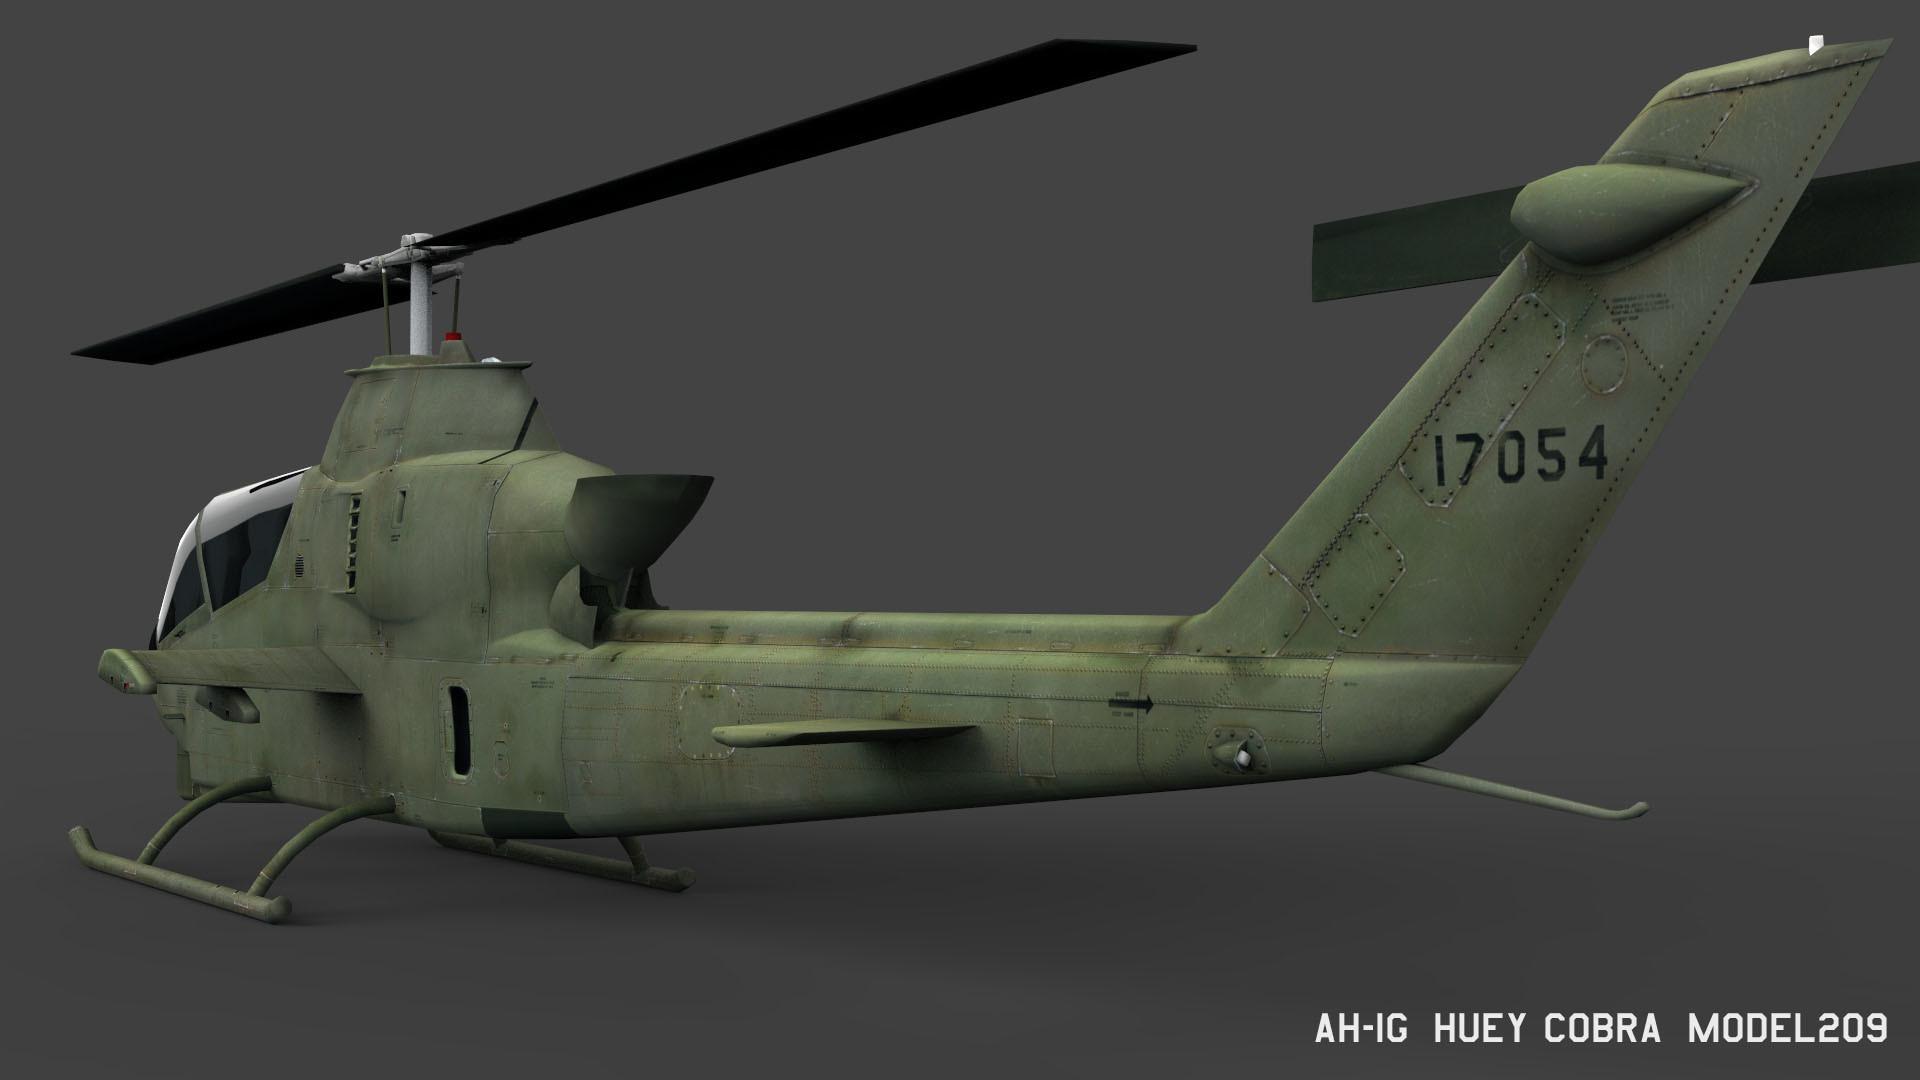 Dzmitry ivanou ah 1g hueycobra model209 05